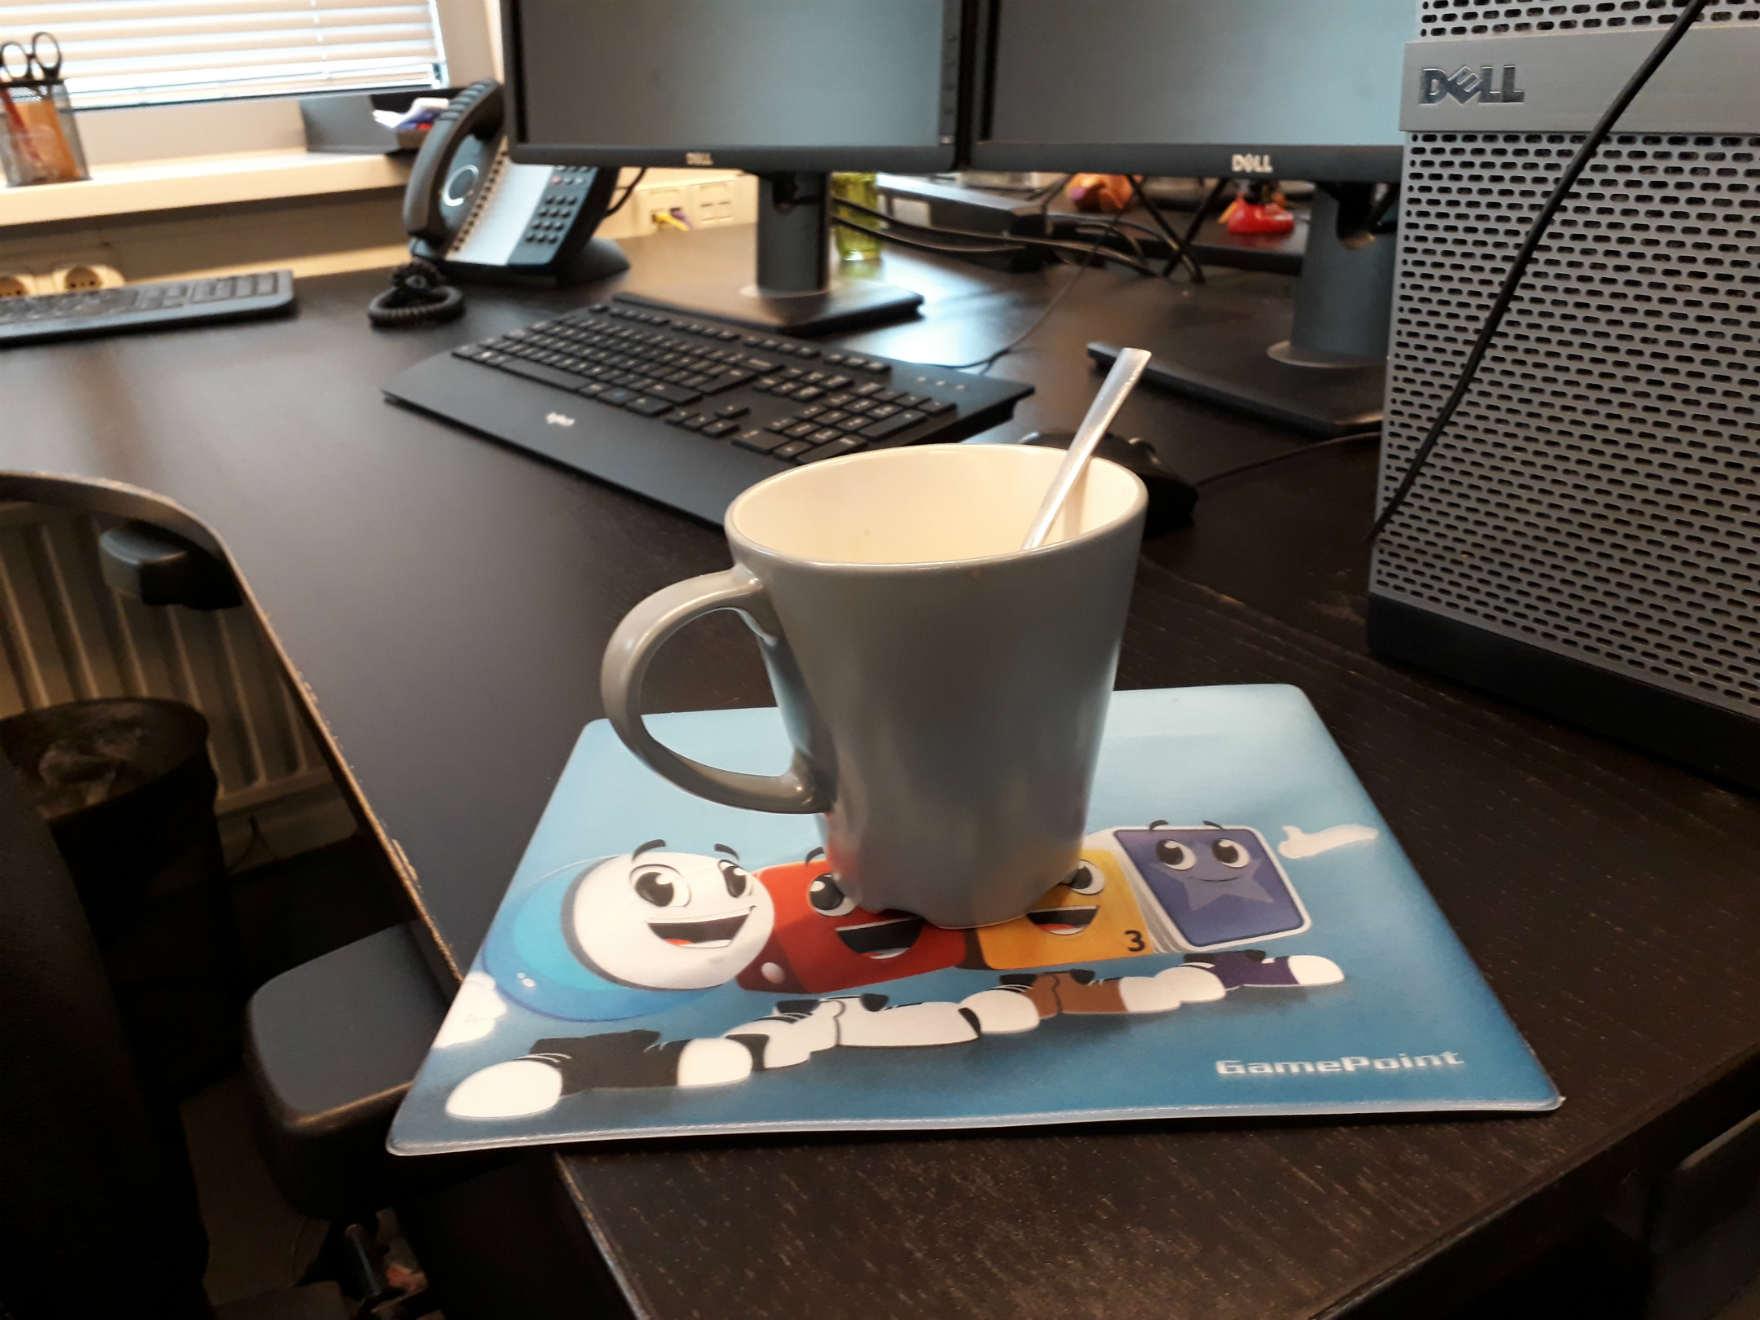 Koffie bij GamePoint